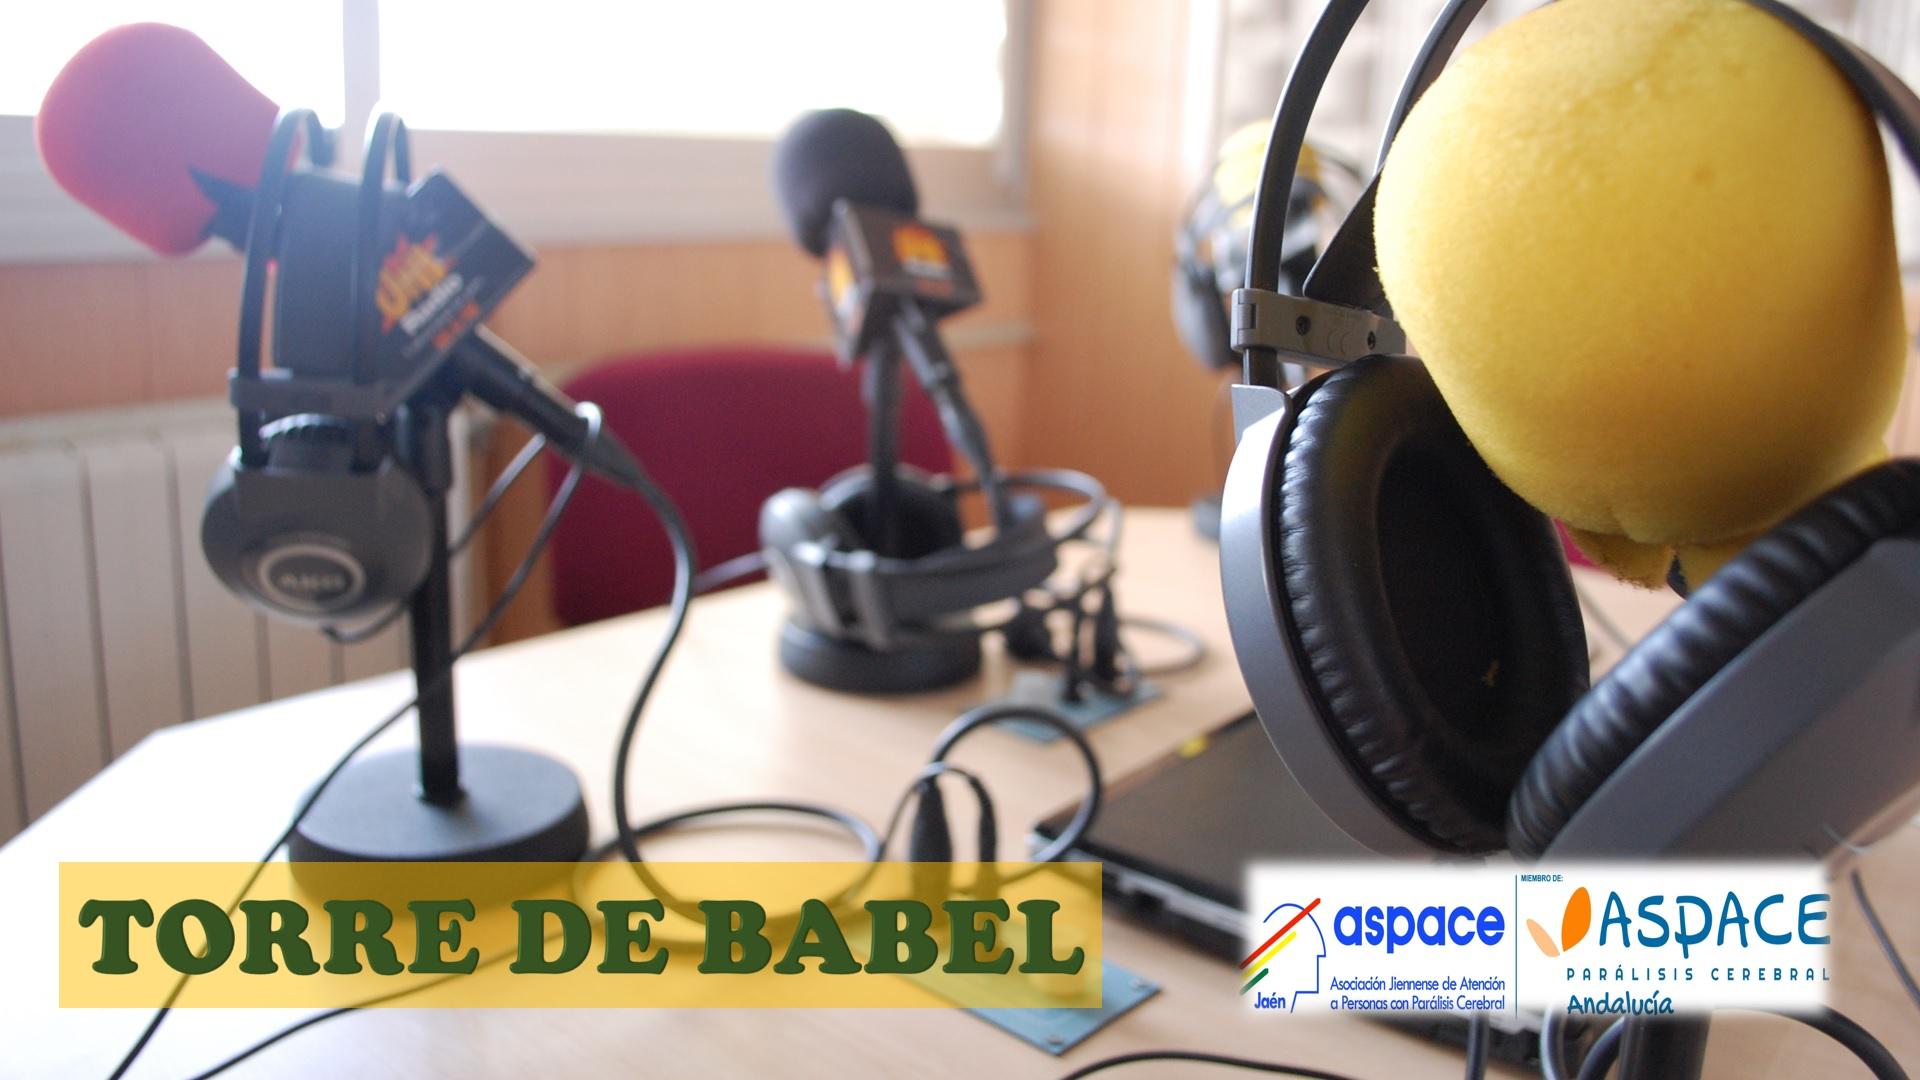 Este martes comienza en UniRadio Jaén, «Torre de Babel», un espacio dedicado a Aspace Jaén